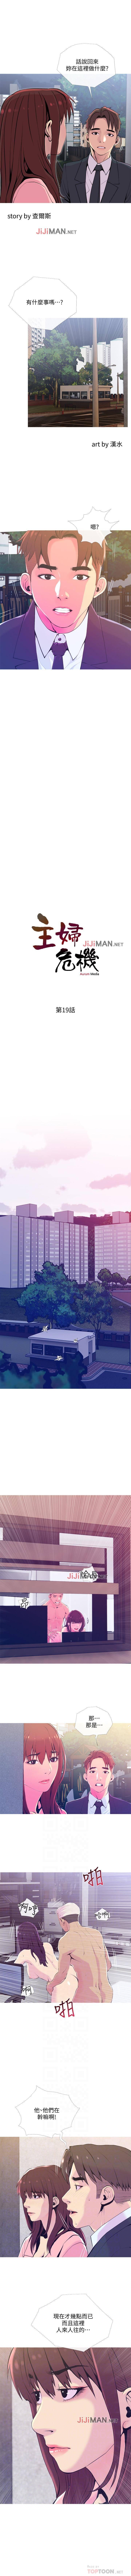 【周五连载】主妇危机(作者:查爾斯&漢水) 第1~26话 127